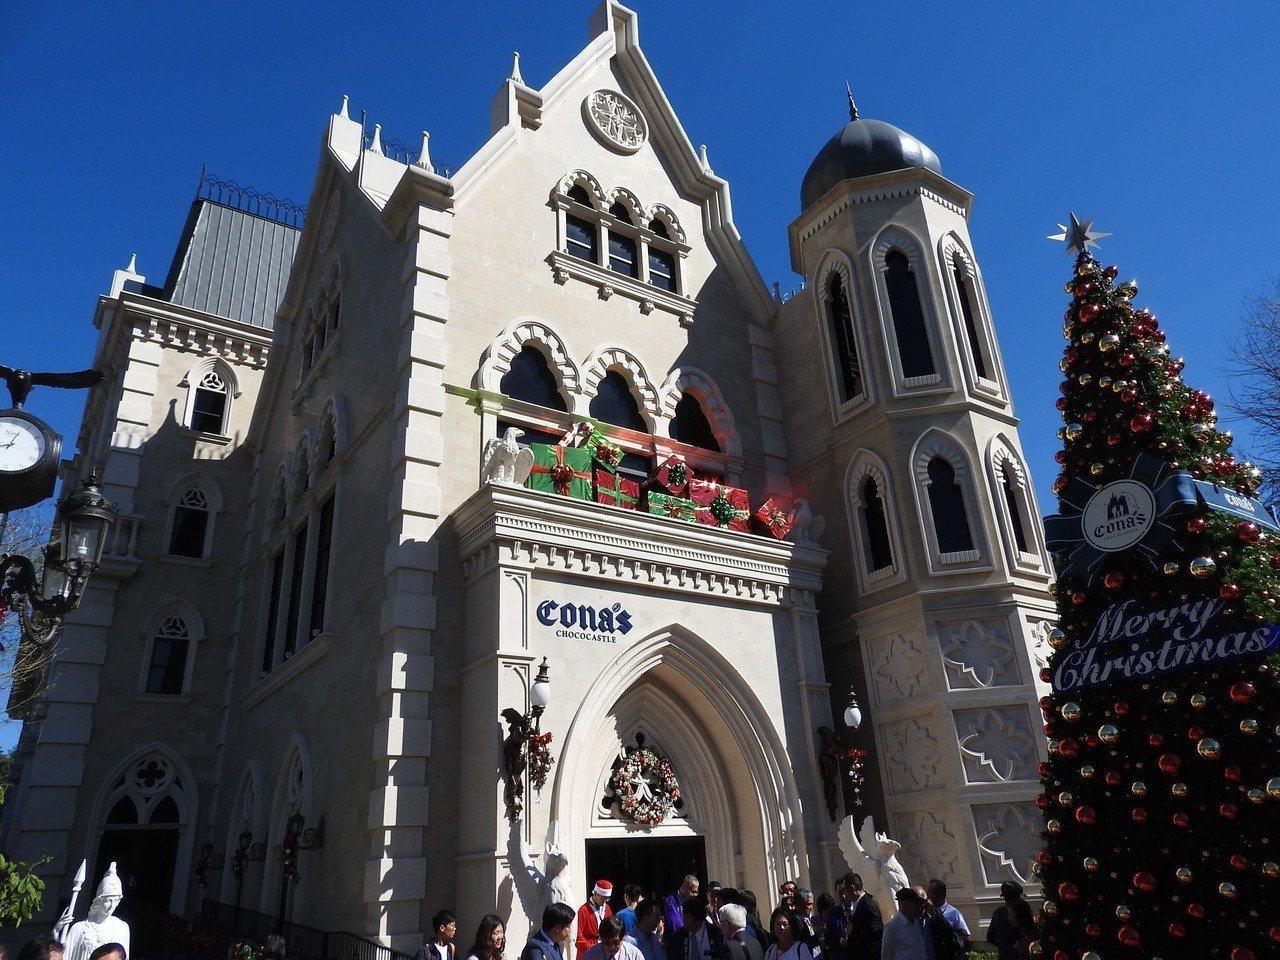 妮娜巧克力夢想城堡要將耶誕期間部分門票營收捐助弱勢童,為此安排不少活動盼提高收益...